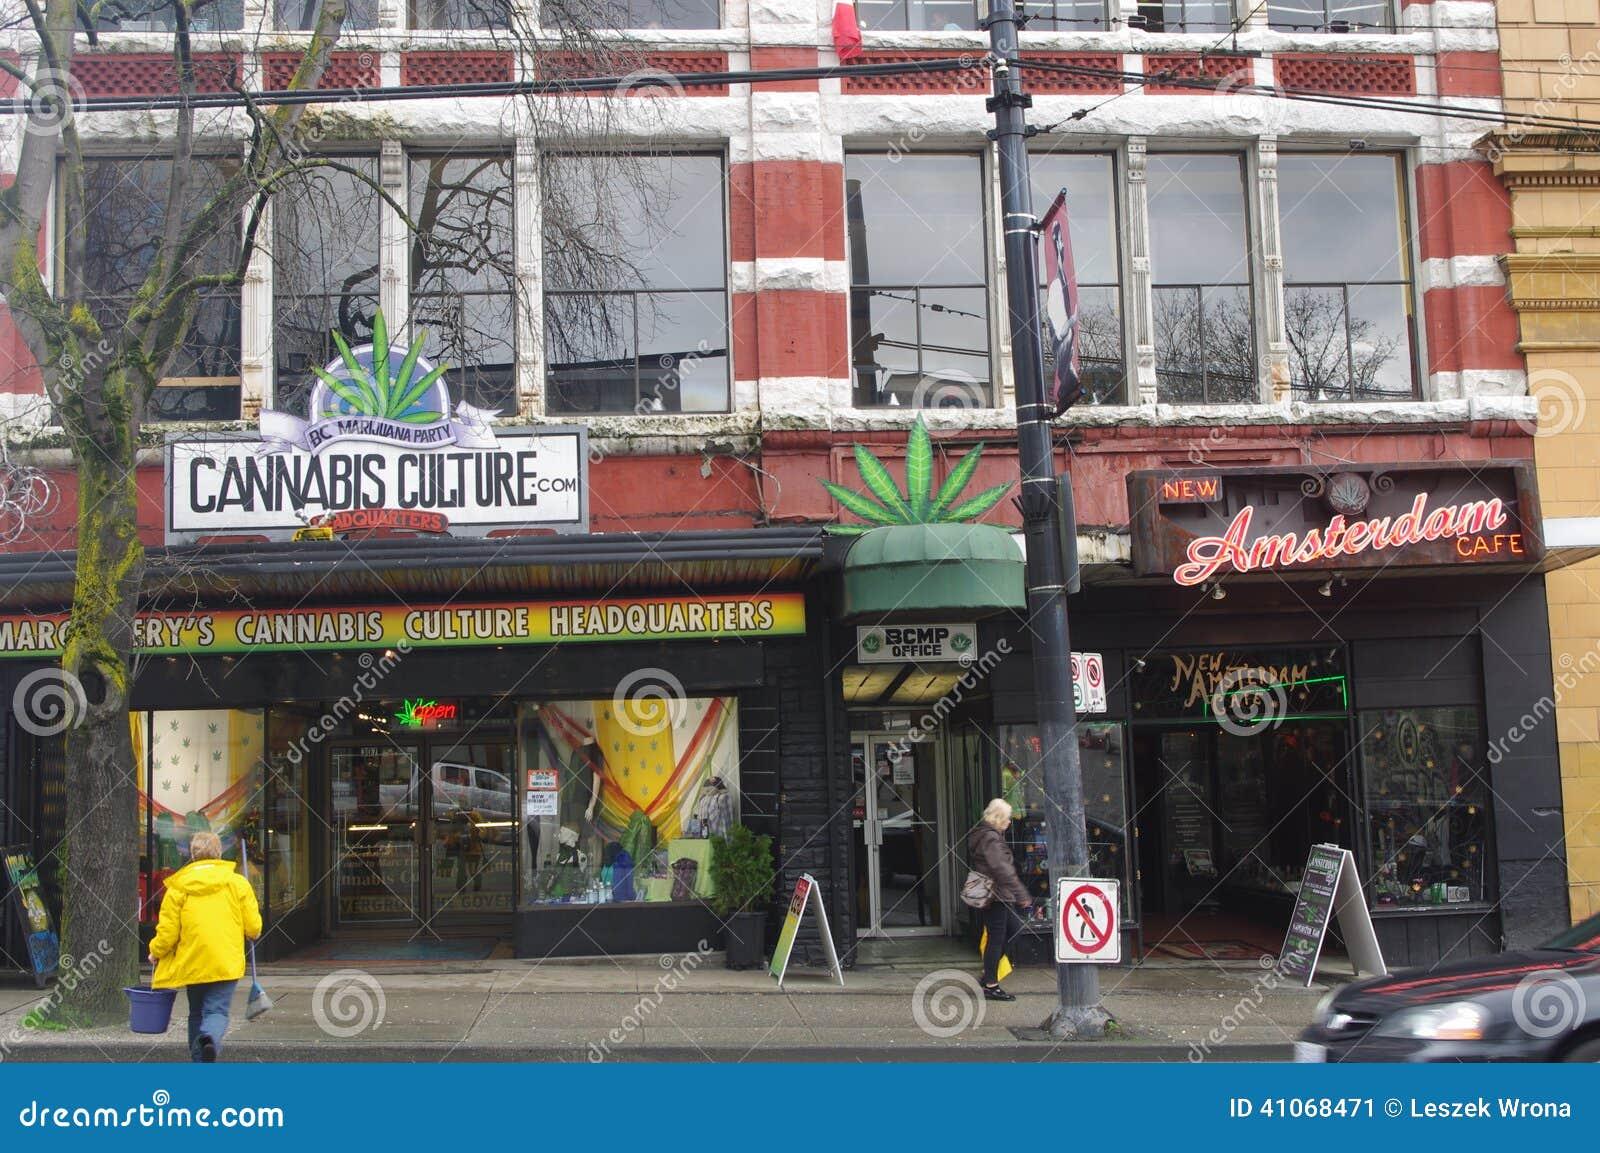 Кафе в амстердаме конопля заказать семена марихуаны купить